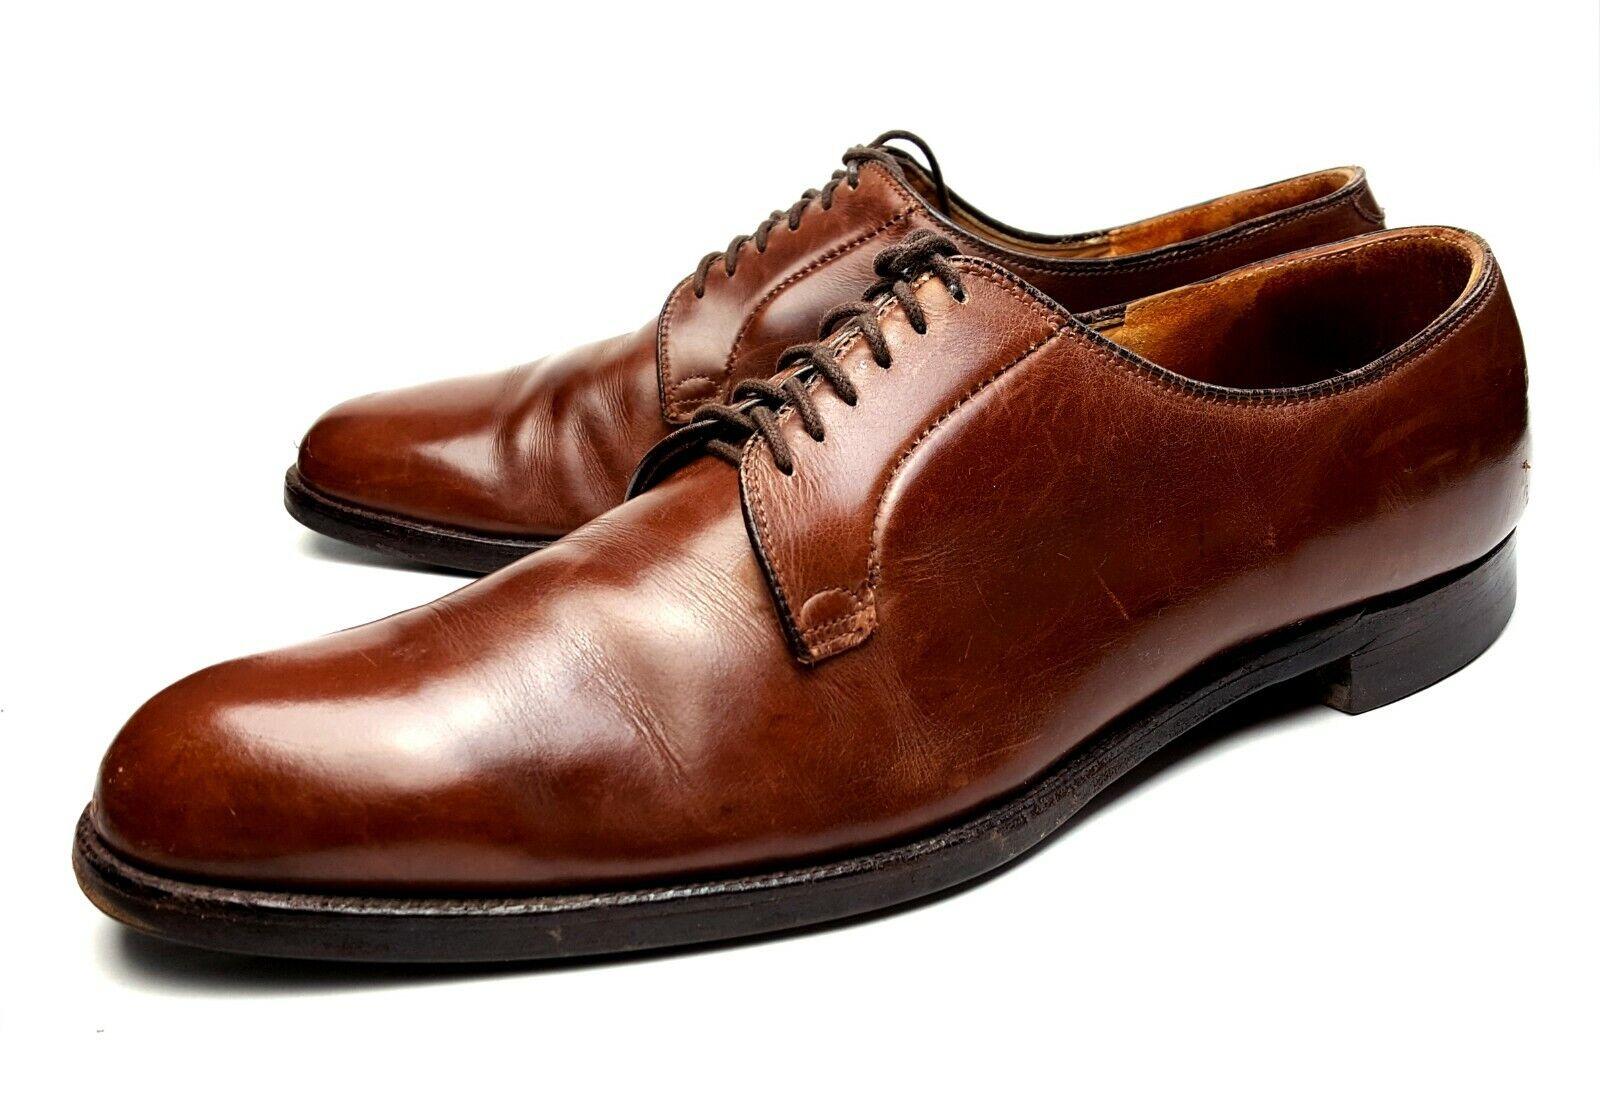 Alden SZ 14 Estados Unidos azulcher zapatos marróns Oxford Derby